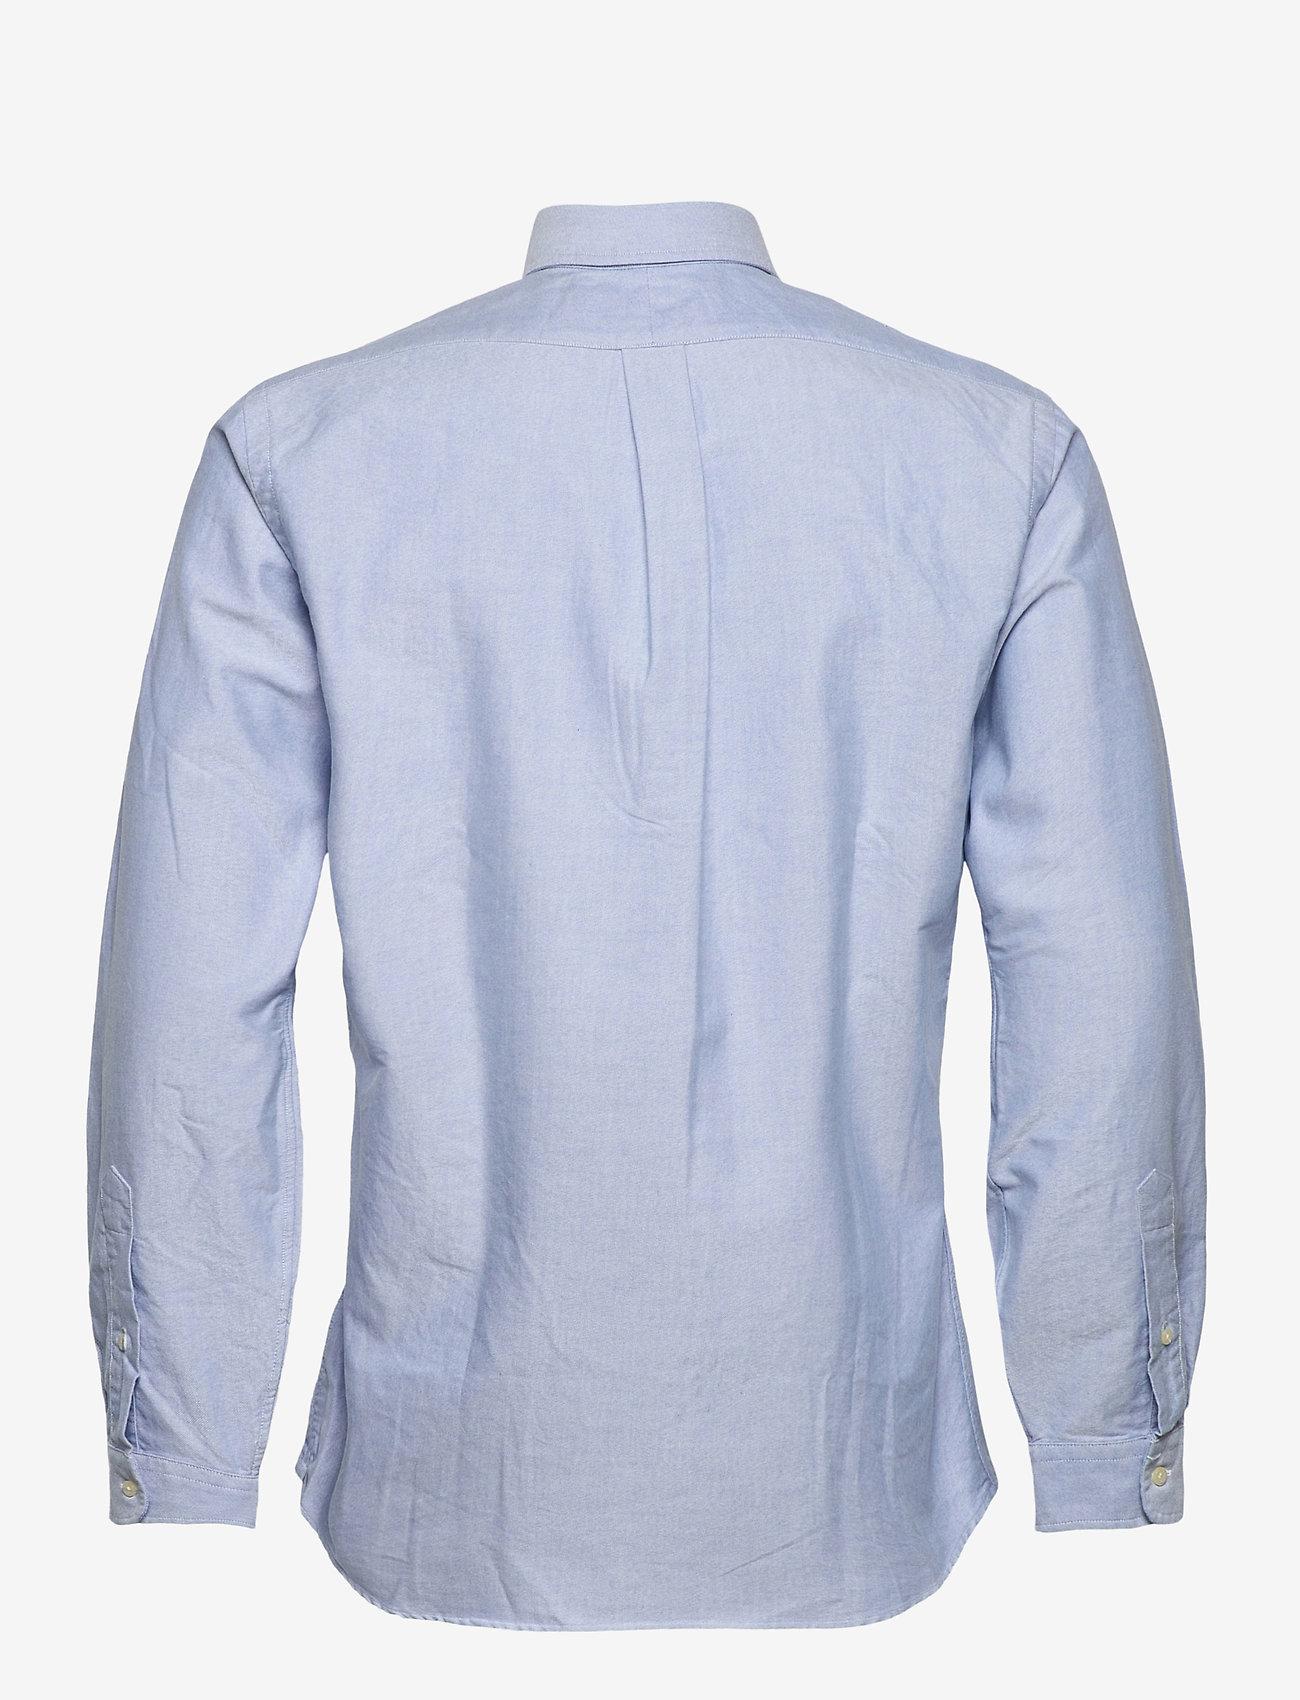 Polo Ralph Lauren - OXFORD-CUBDPKS - casual shirts - 4982a bsr blue pr - 1